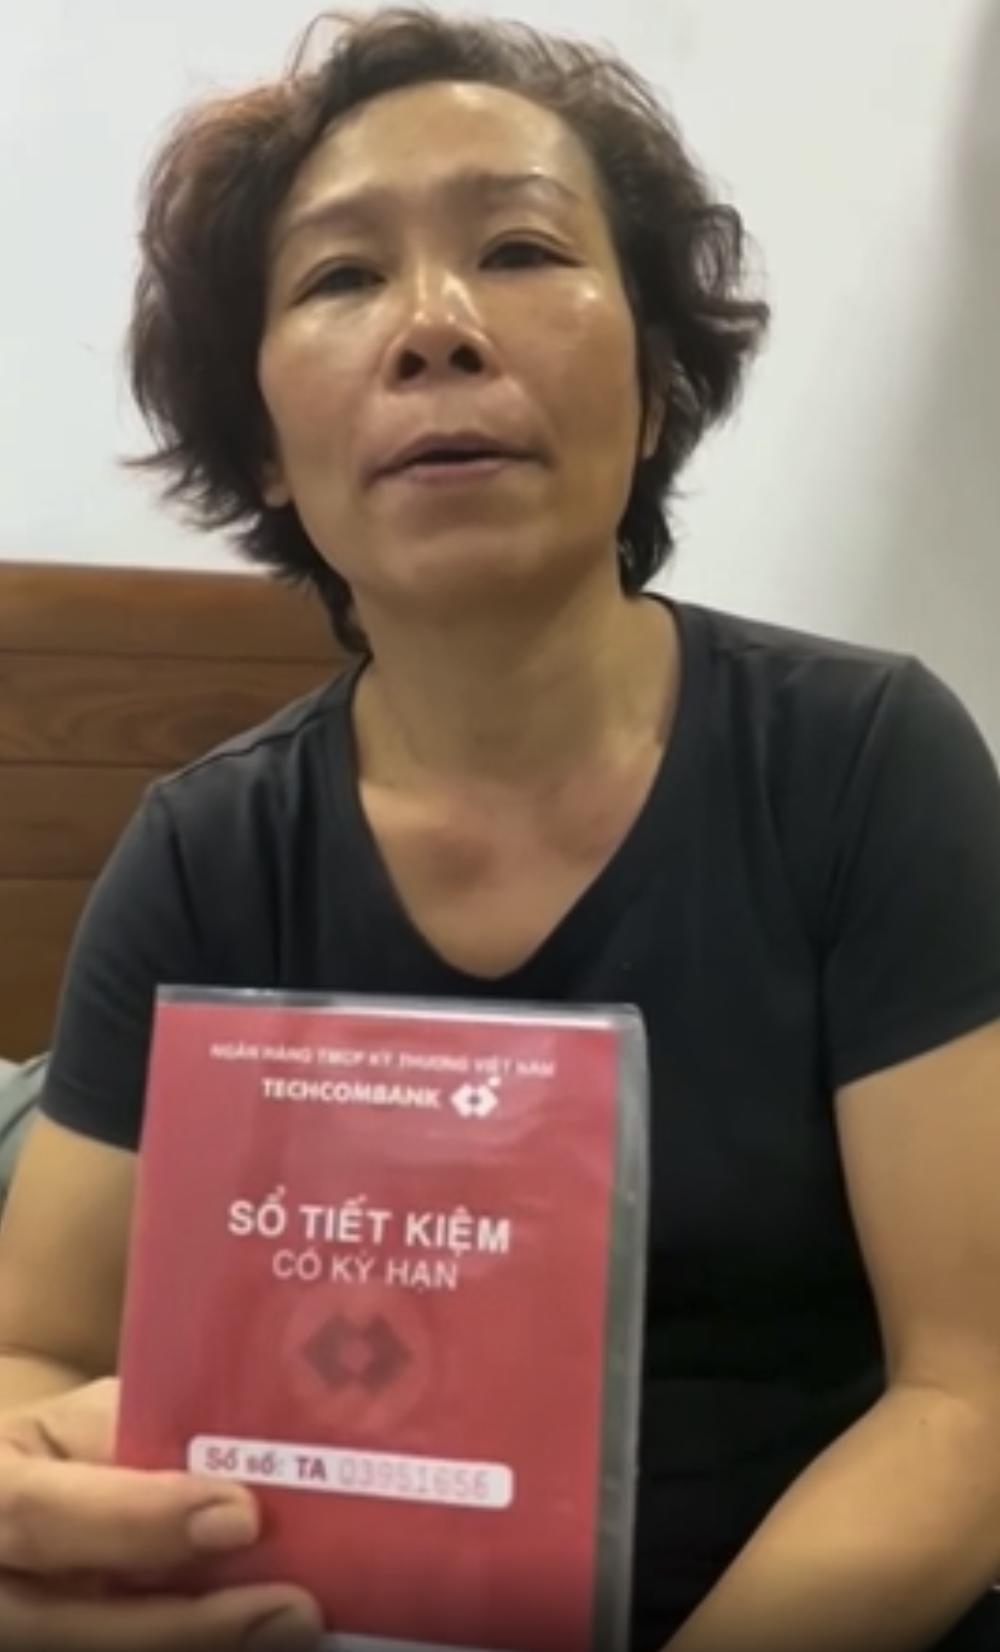 Nghi ngờ sổ tiết kiệm của mẹ Hồ Văn Cường, dân mạng lại vào fanpage Techcombank hỏi: